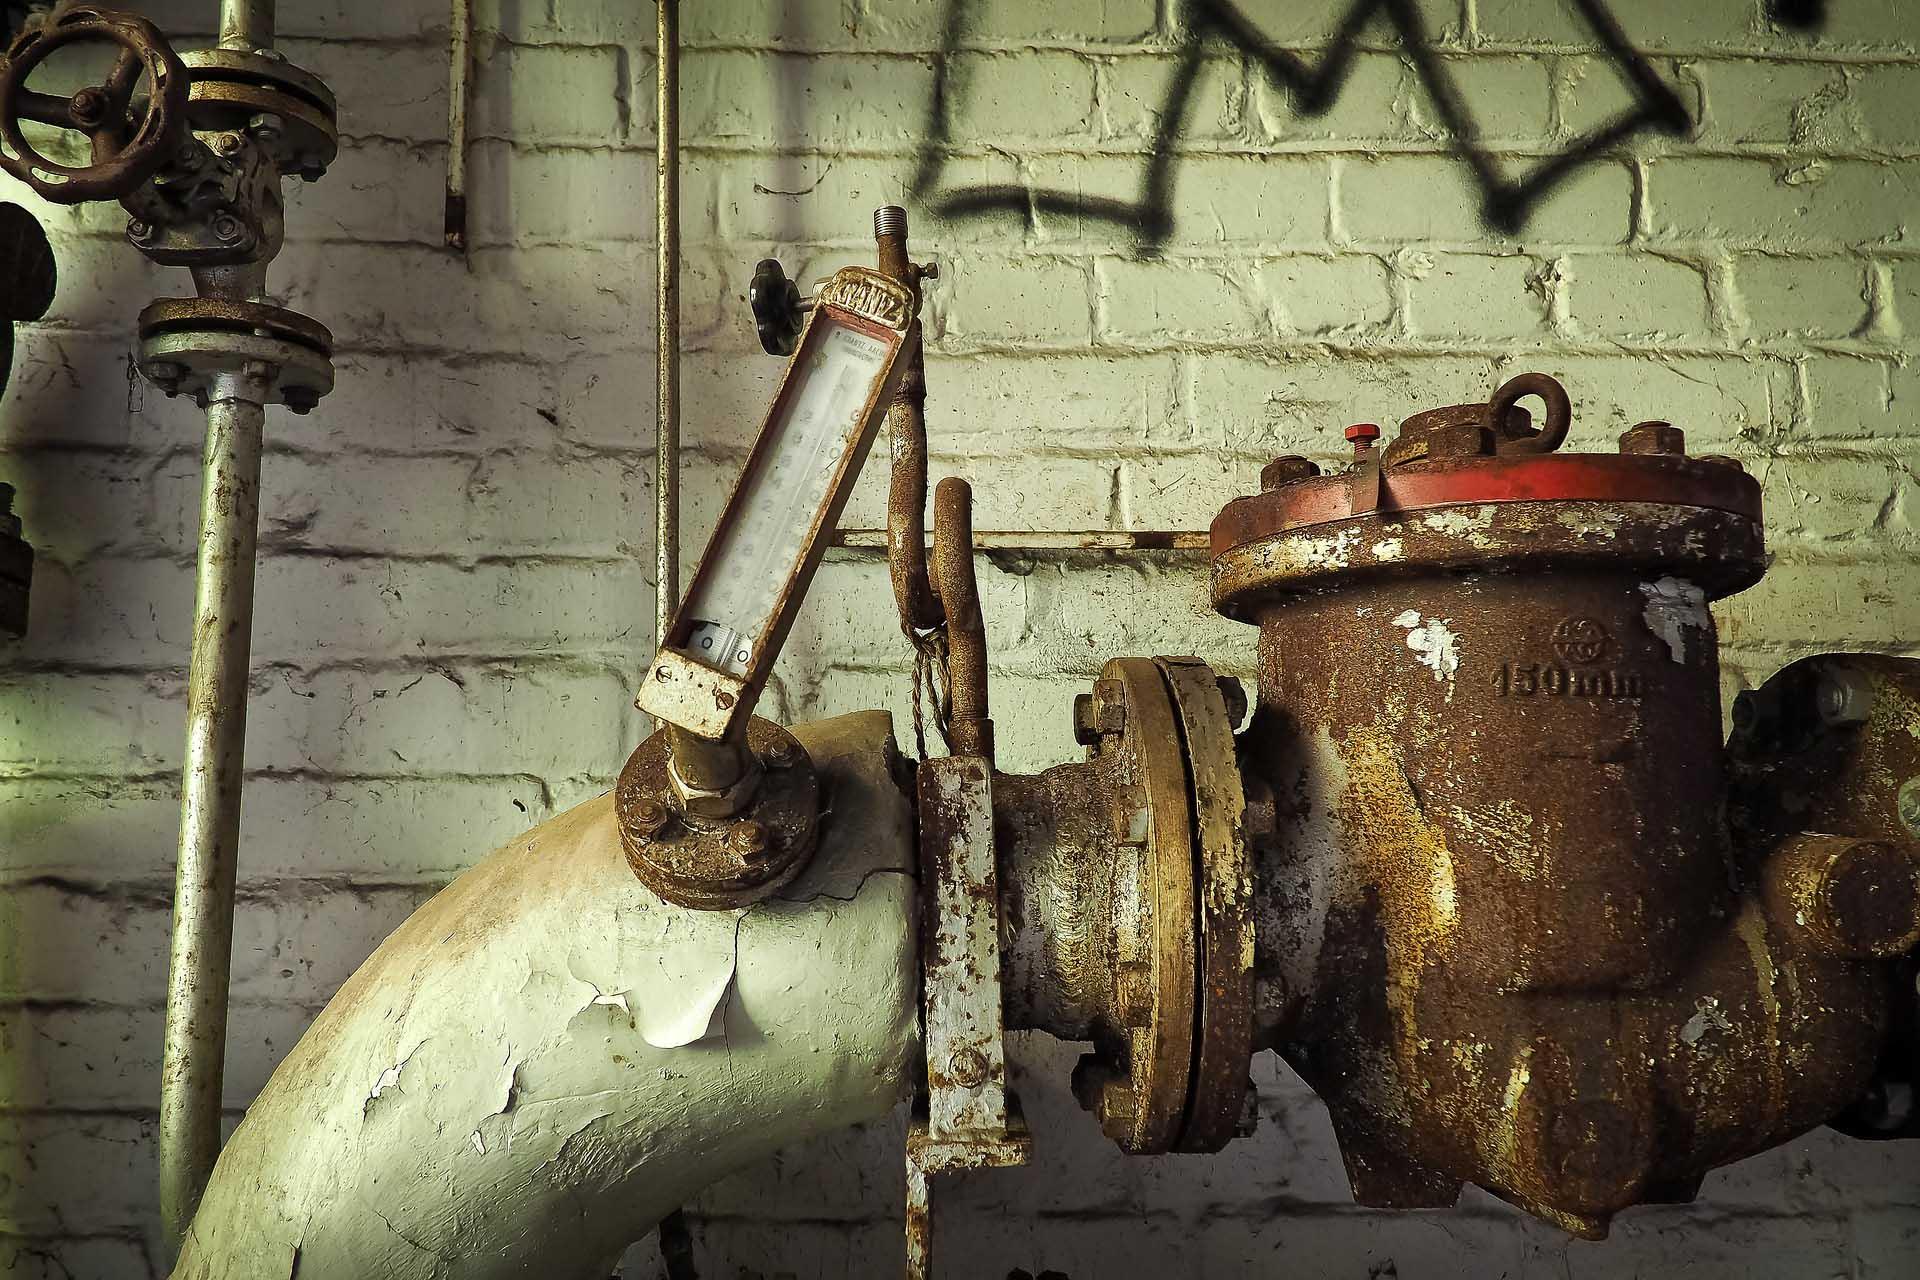 При самостоятельном приготовлении горячей воды УК прямой договор заключён быть не может